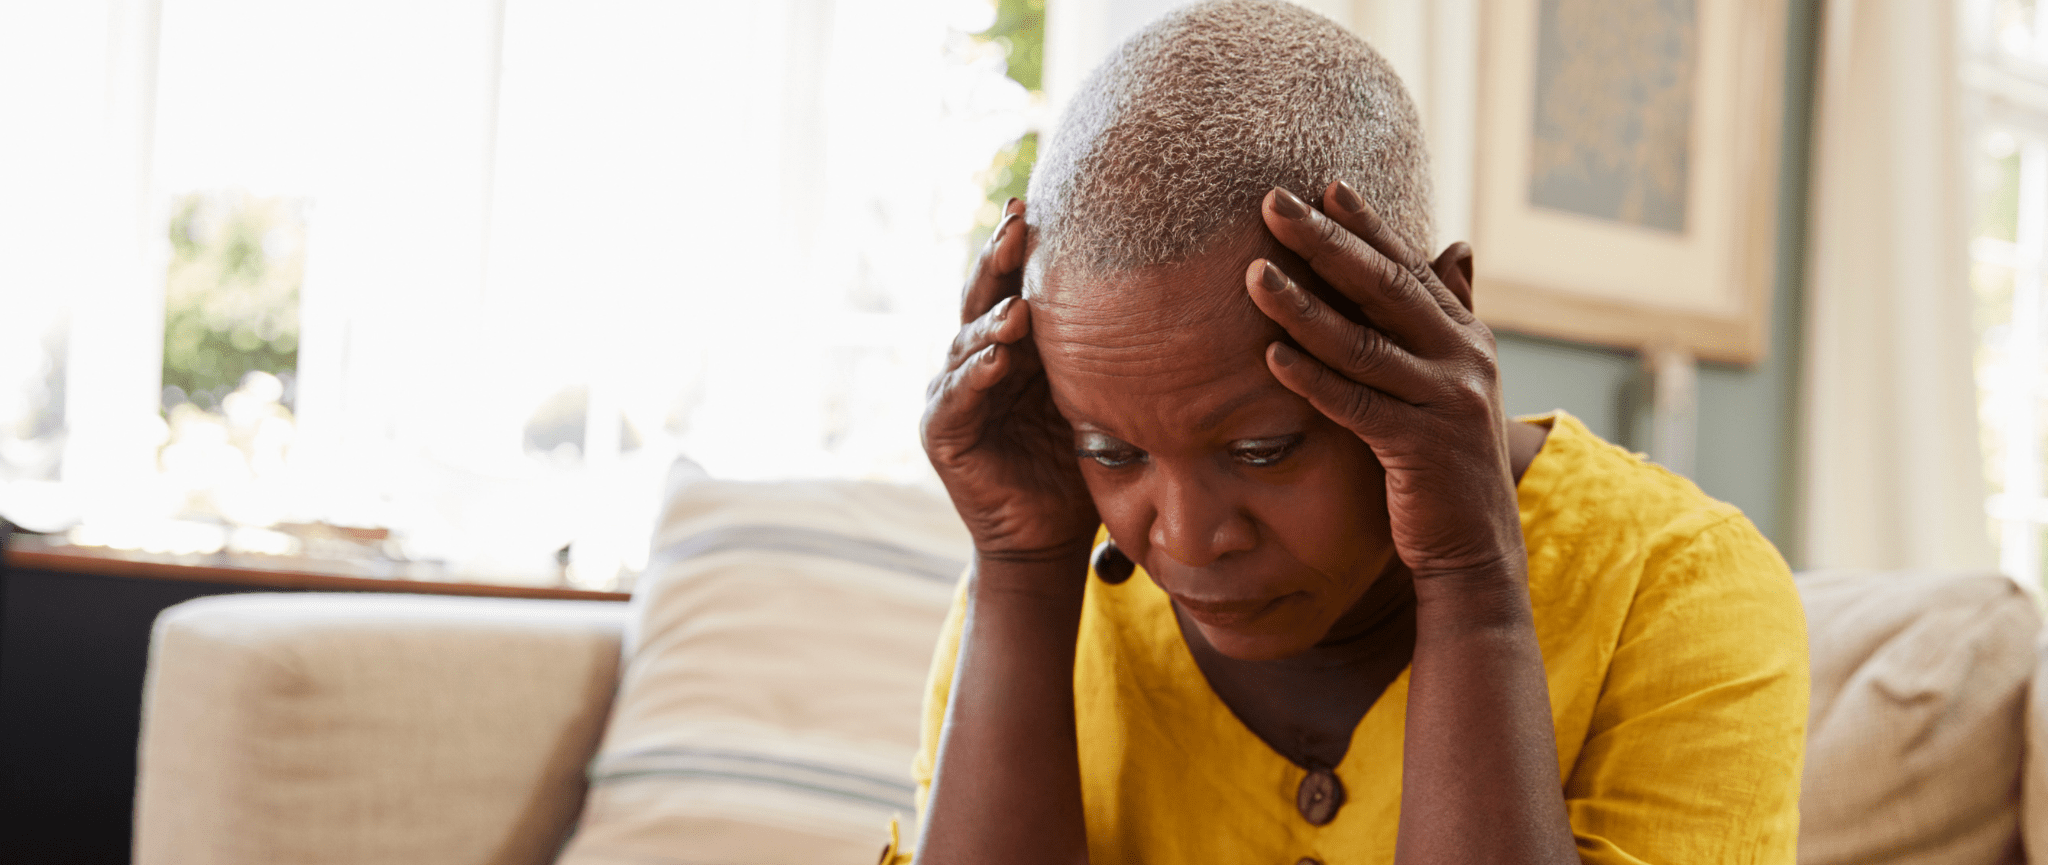 Une personne âgée noire qui a la tête dans les mains et qui a l'air stressée.